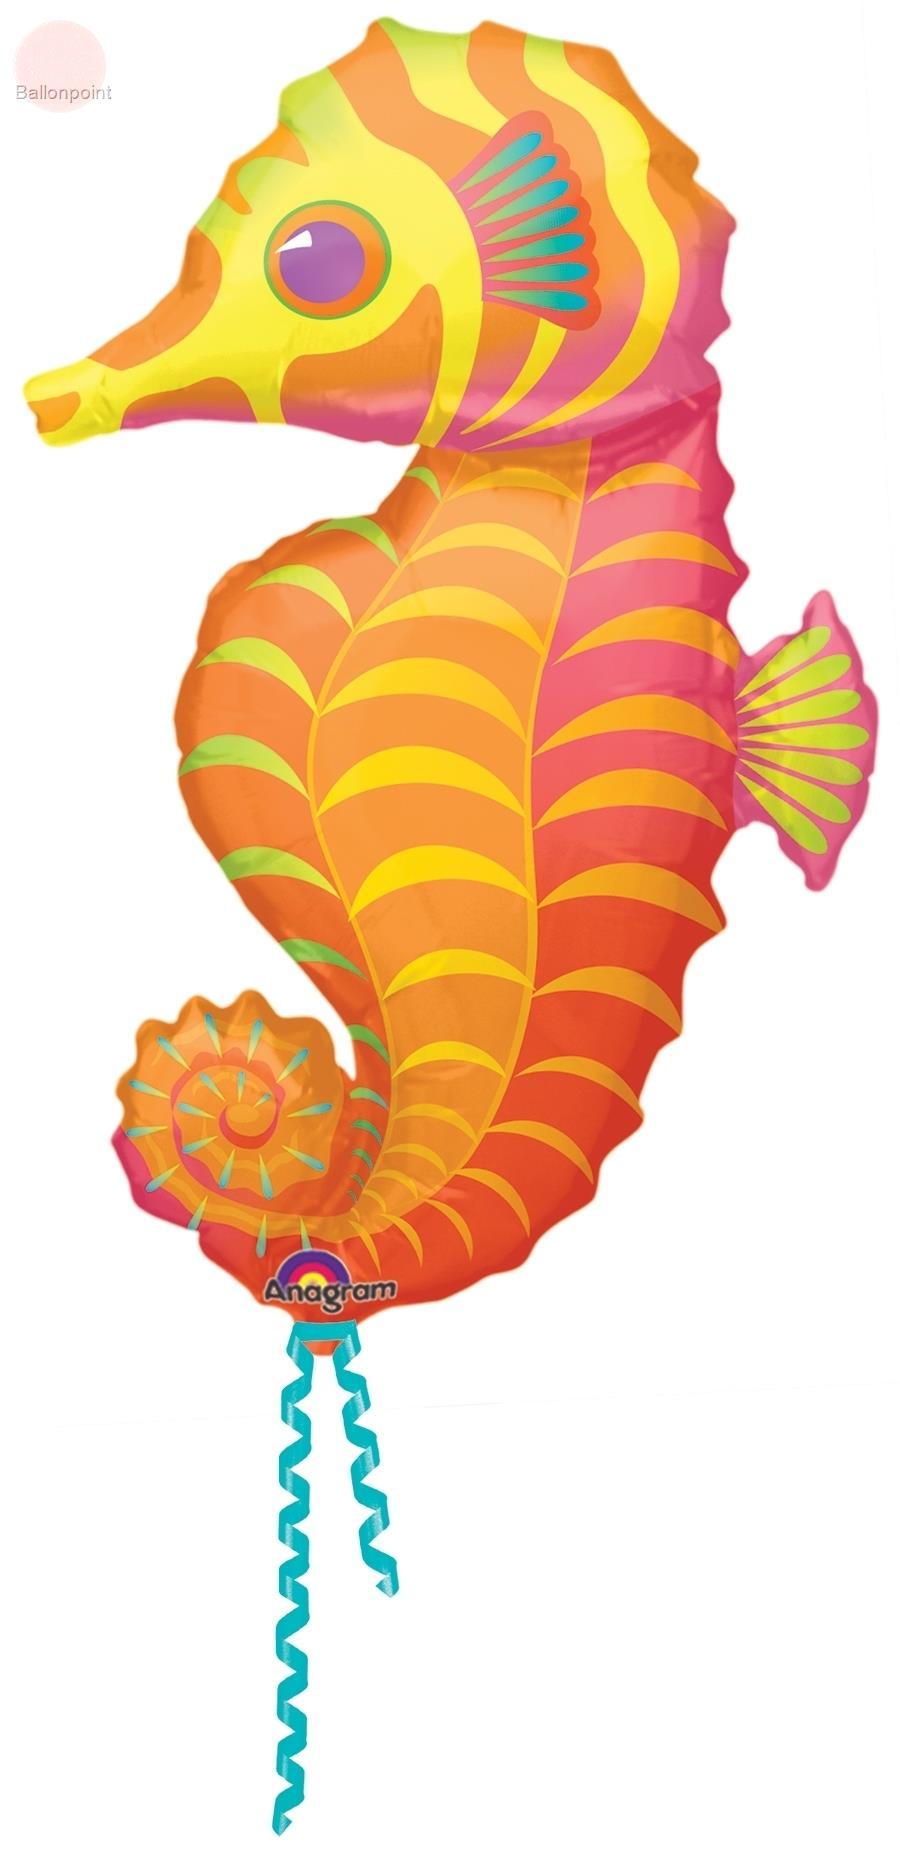 """FOBF089-0619601A Seahorse 59x89cm(23x35"""") Seepferdchen, für Ballongas und Luftfüllung geeignet"""